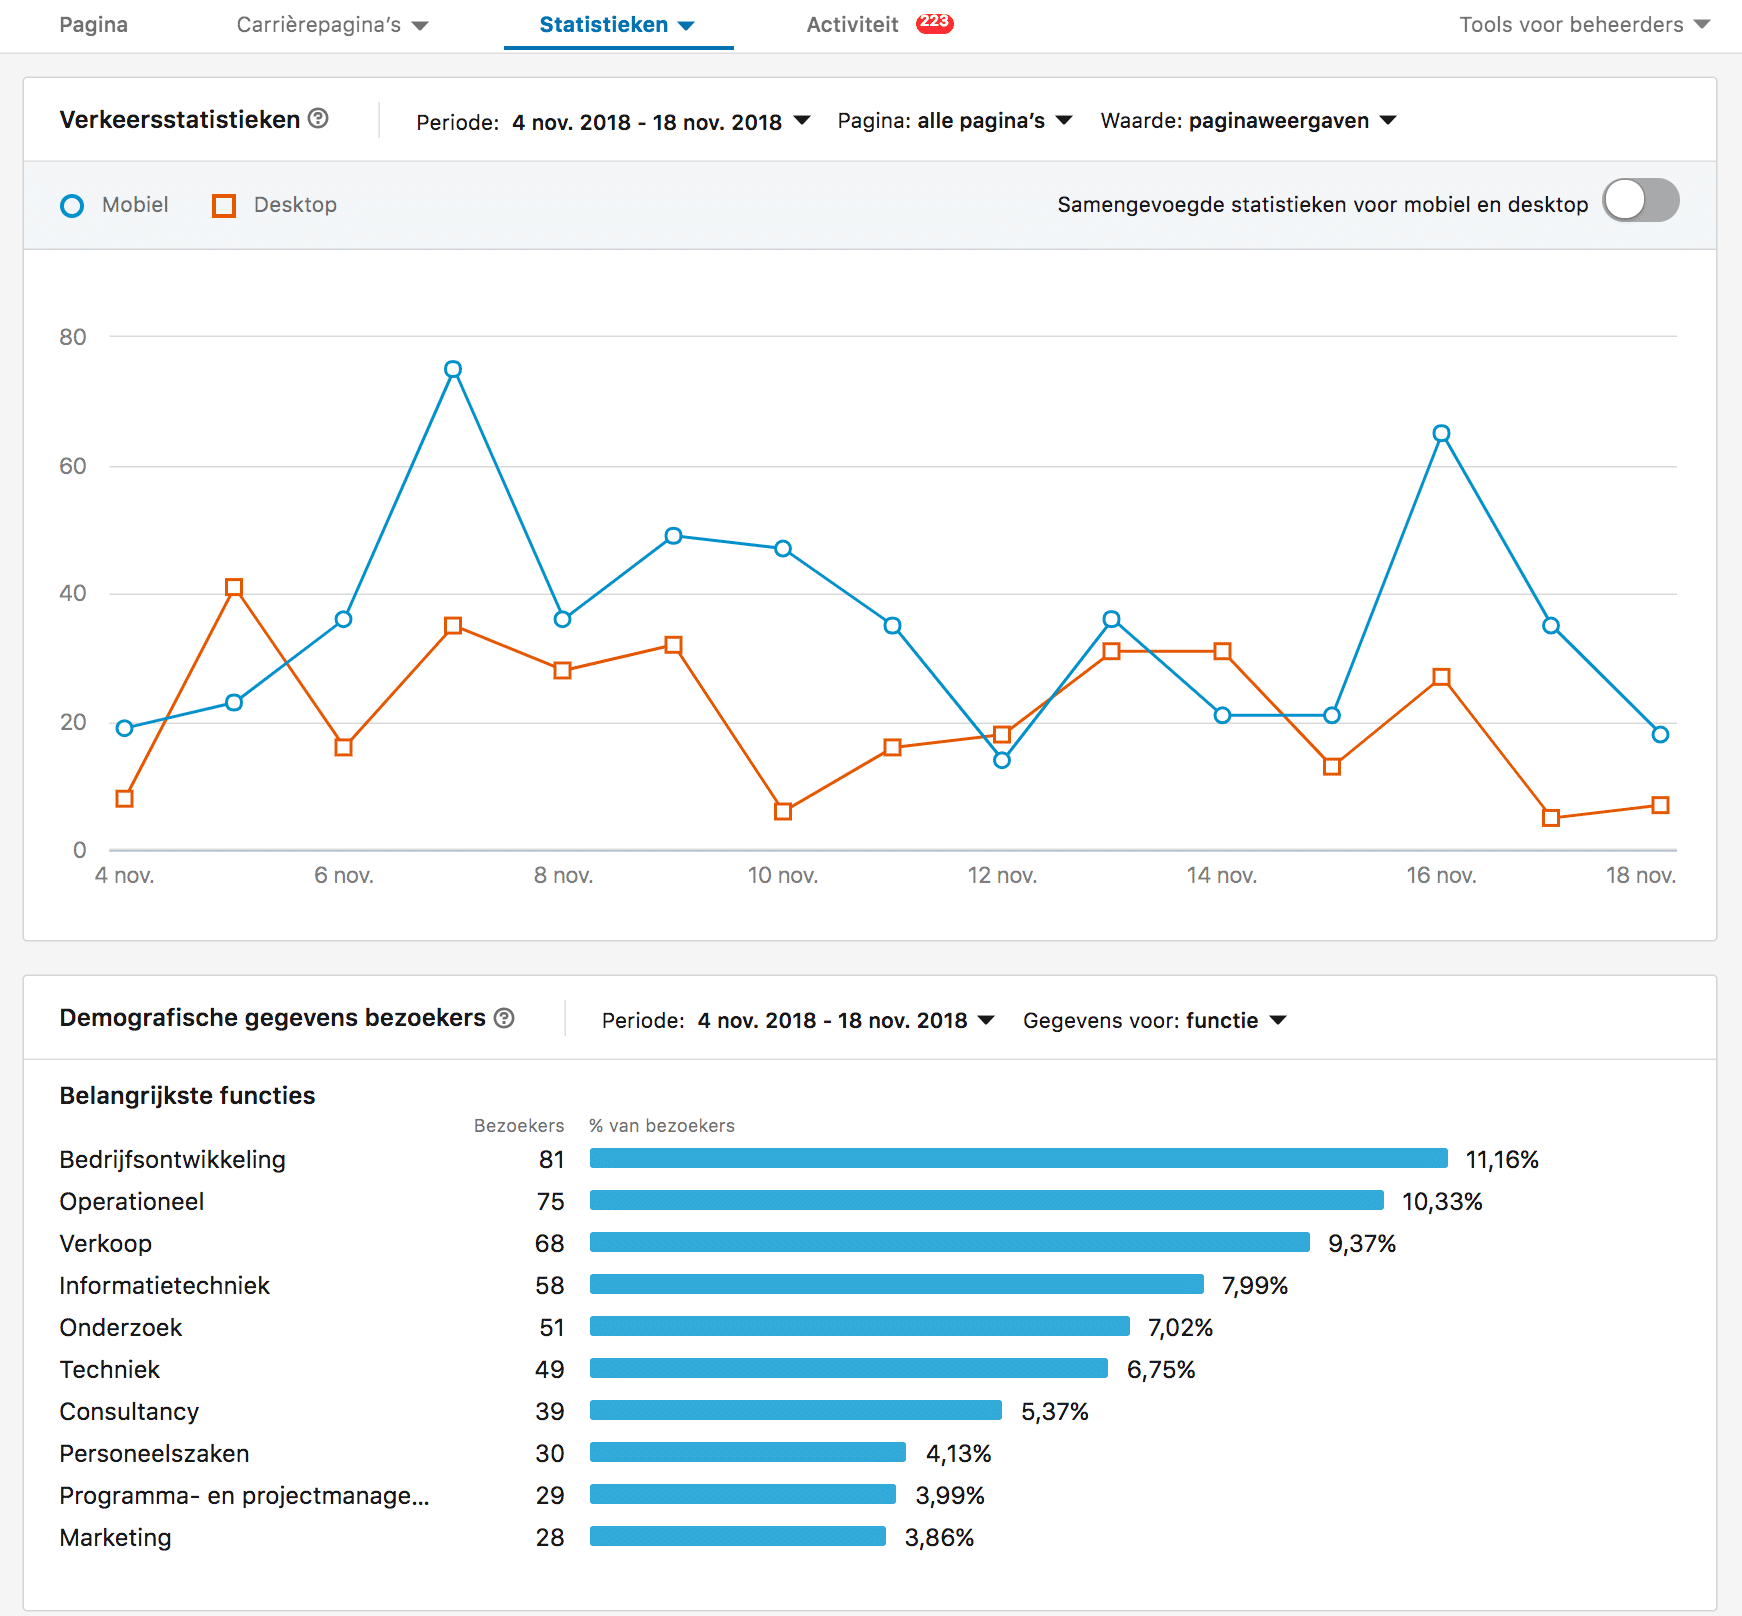 LinkedIn pages - betere paginastatistieken - Lincelot